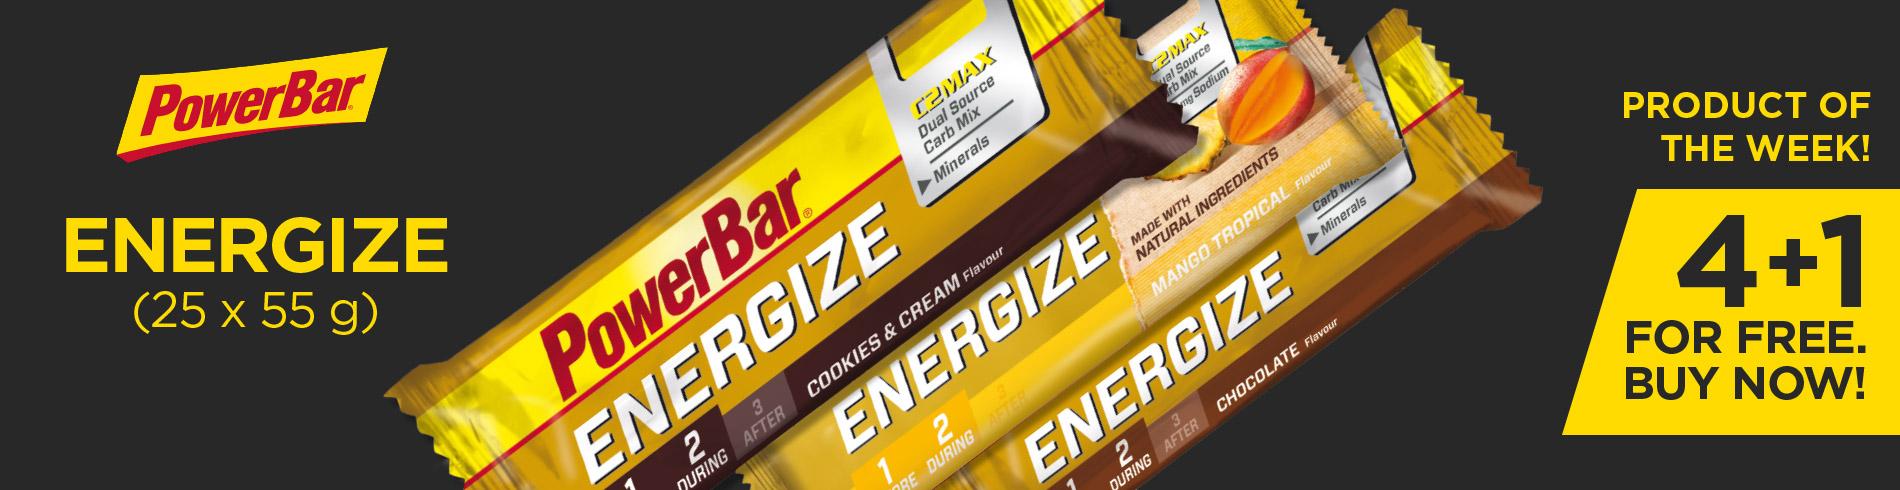 POTW Energize Bar